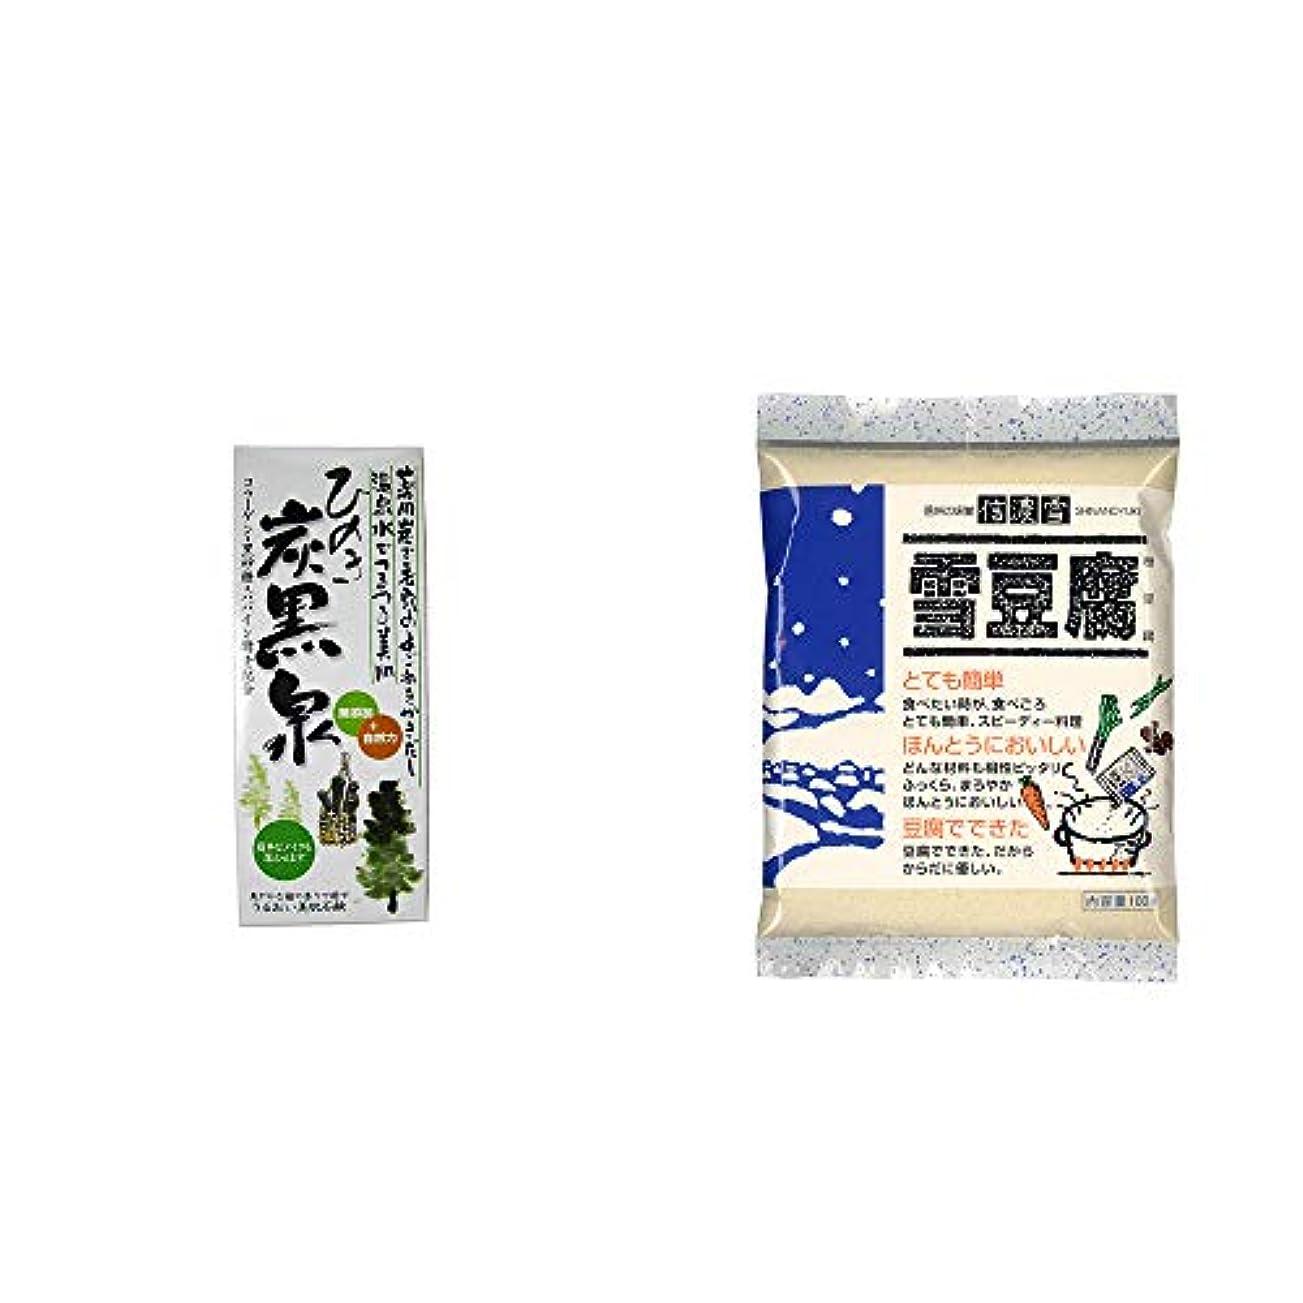 エントリ家族オーバーヘッド[2点セット] ひのき炭黒泉 箱入り(75g×3)?信濃雪 雪豆腐(粉豆腐)(100g)